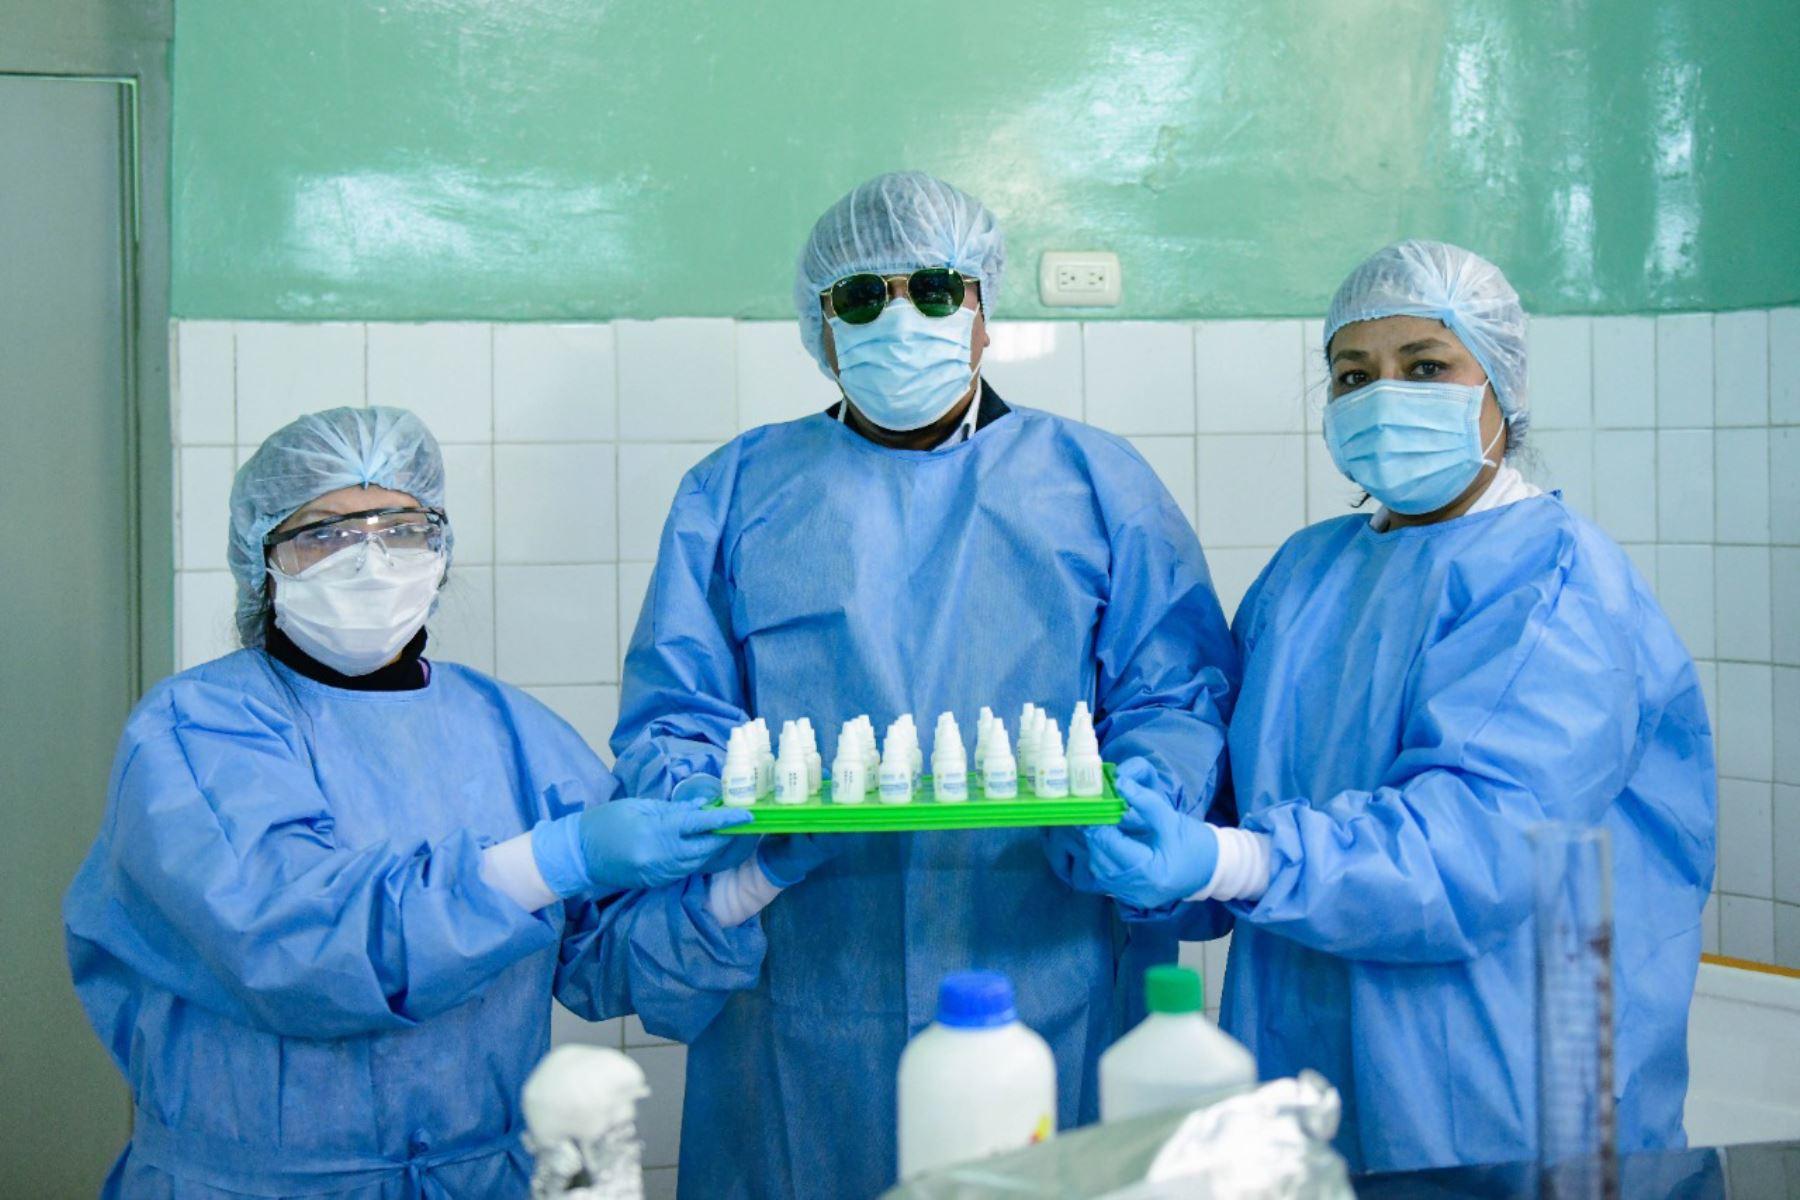 El Hospital Goyeneche de Arequipa presentó el primer lote de producción de ivermectina, que será distribuida a hospitales y centros de salud. Foto: Gobierno Regional de Arequipa